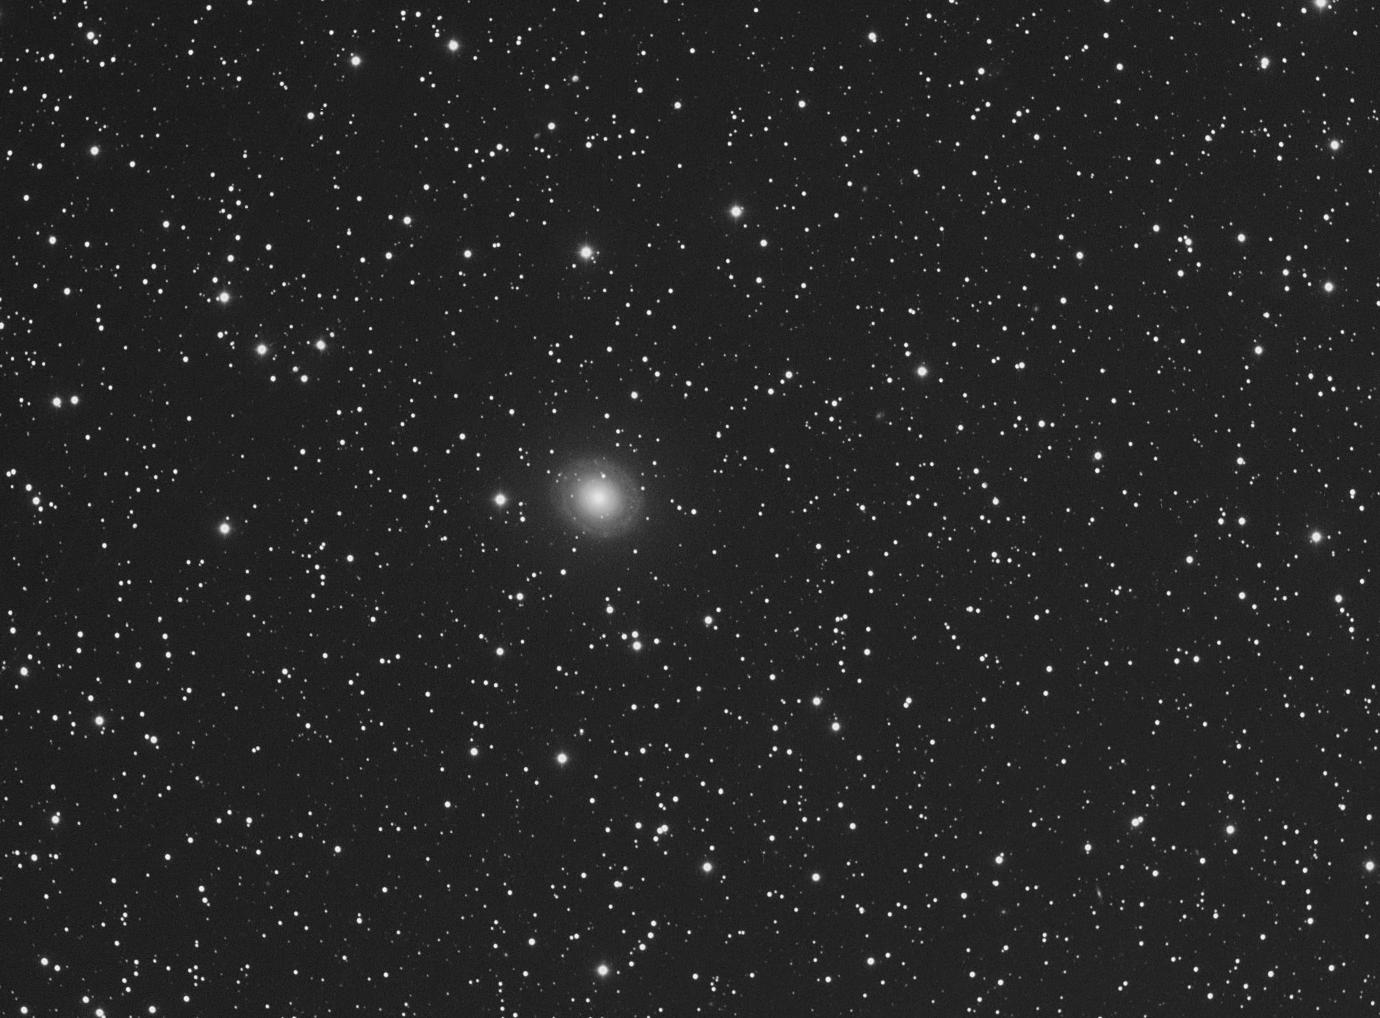 NGC 7217_L1-iris-1-cs5-2-FINAL-1.png